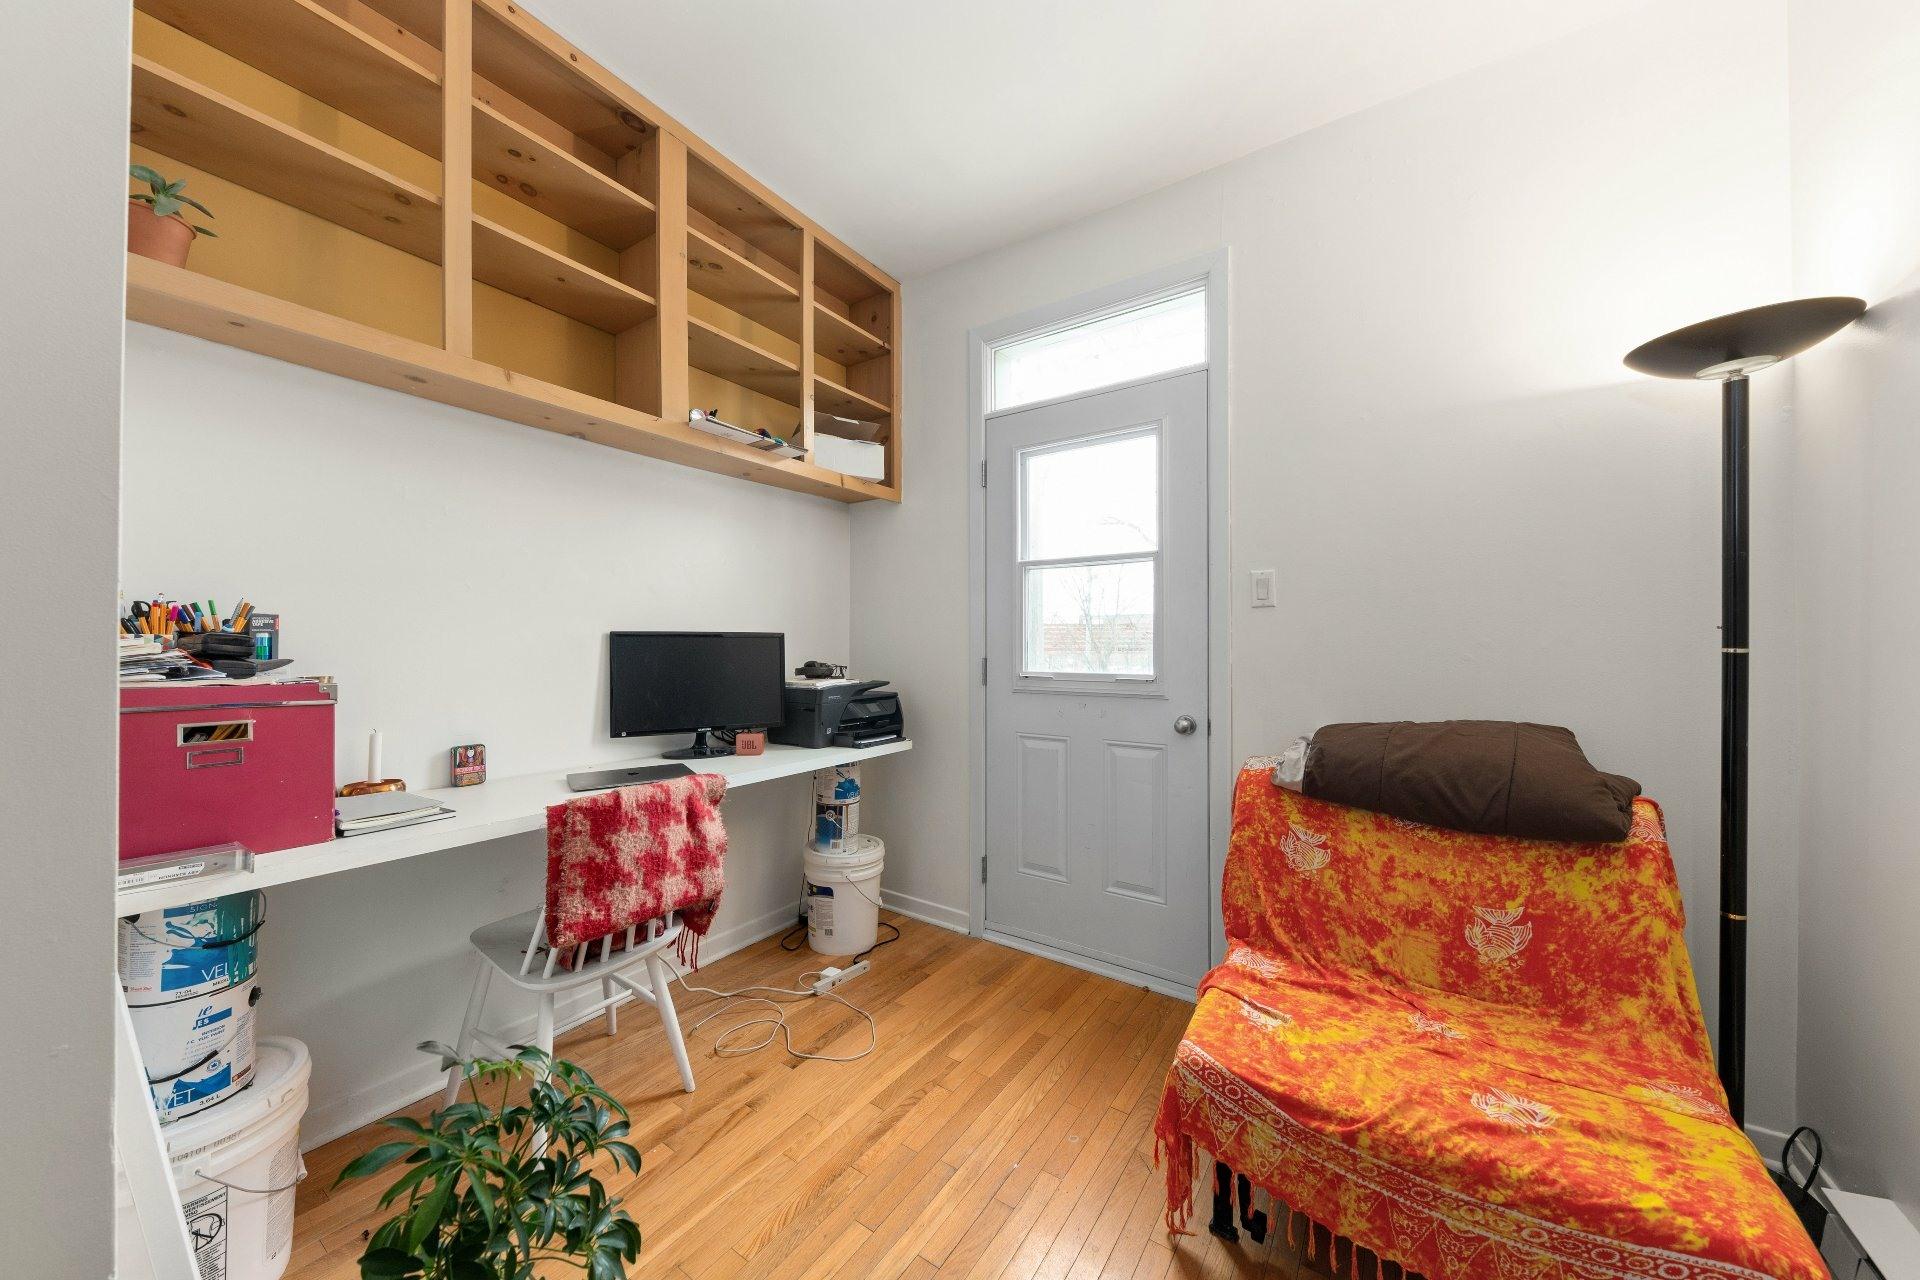 image 38 - Maison À vendre Le Plateau-Mont-Royal Montréal  - 10 pièces